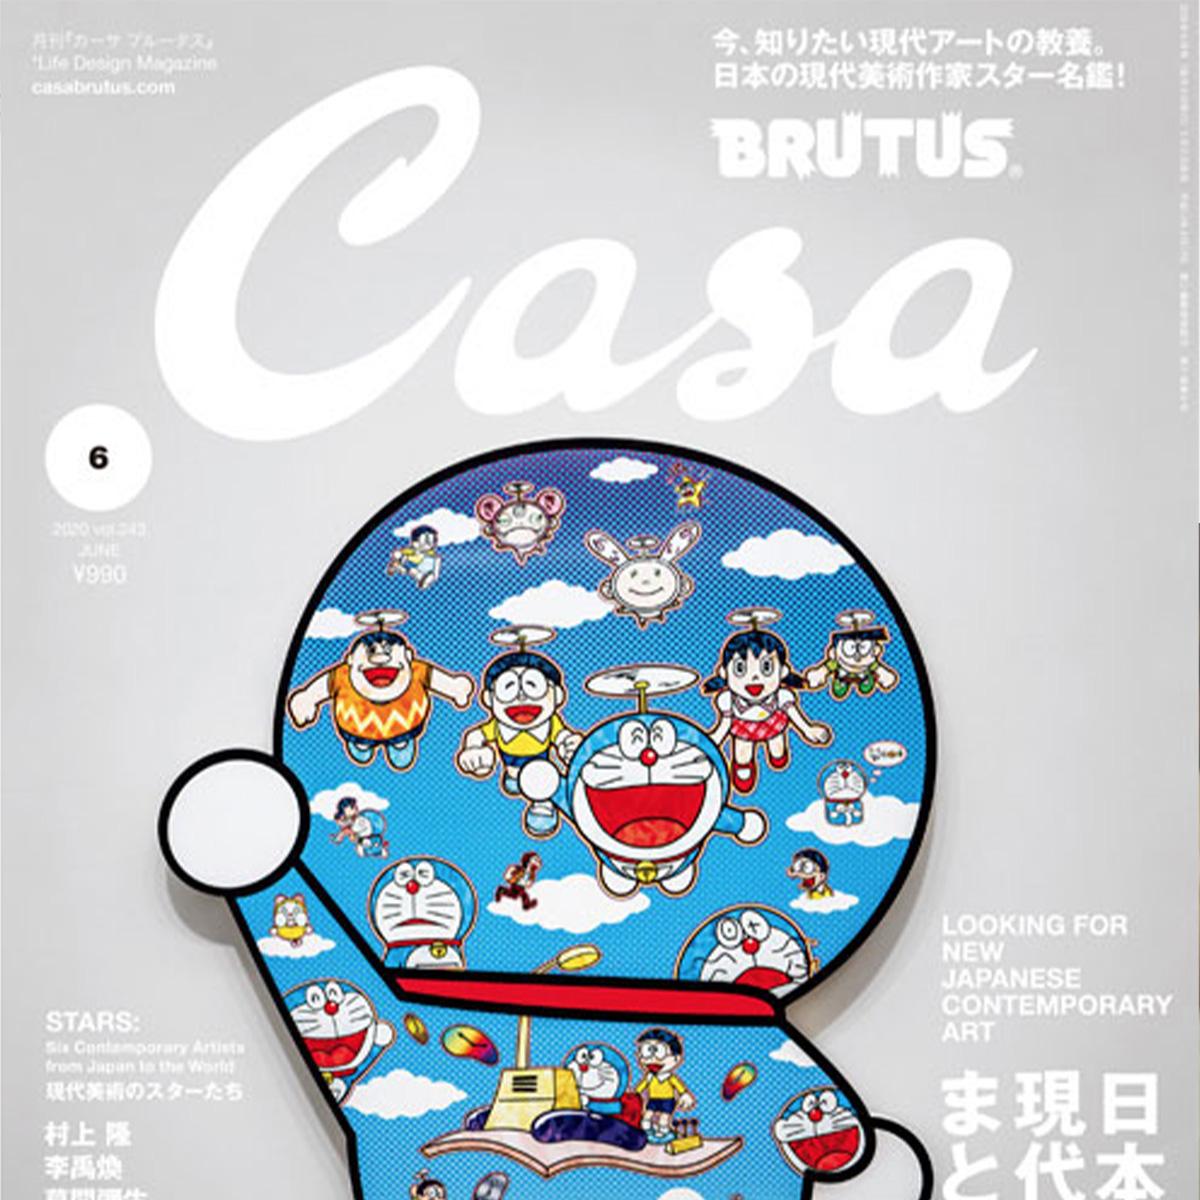 Casa BRUTUS 6月号にて、櫻井翔さんに着用いただいております。